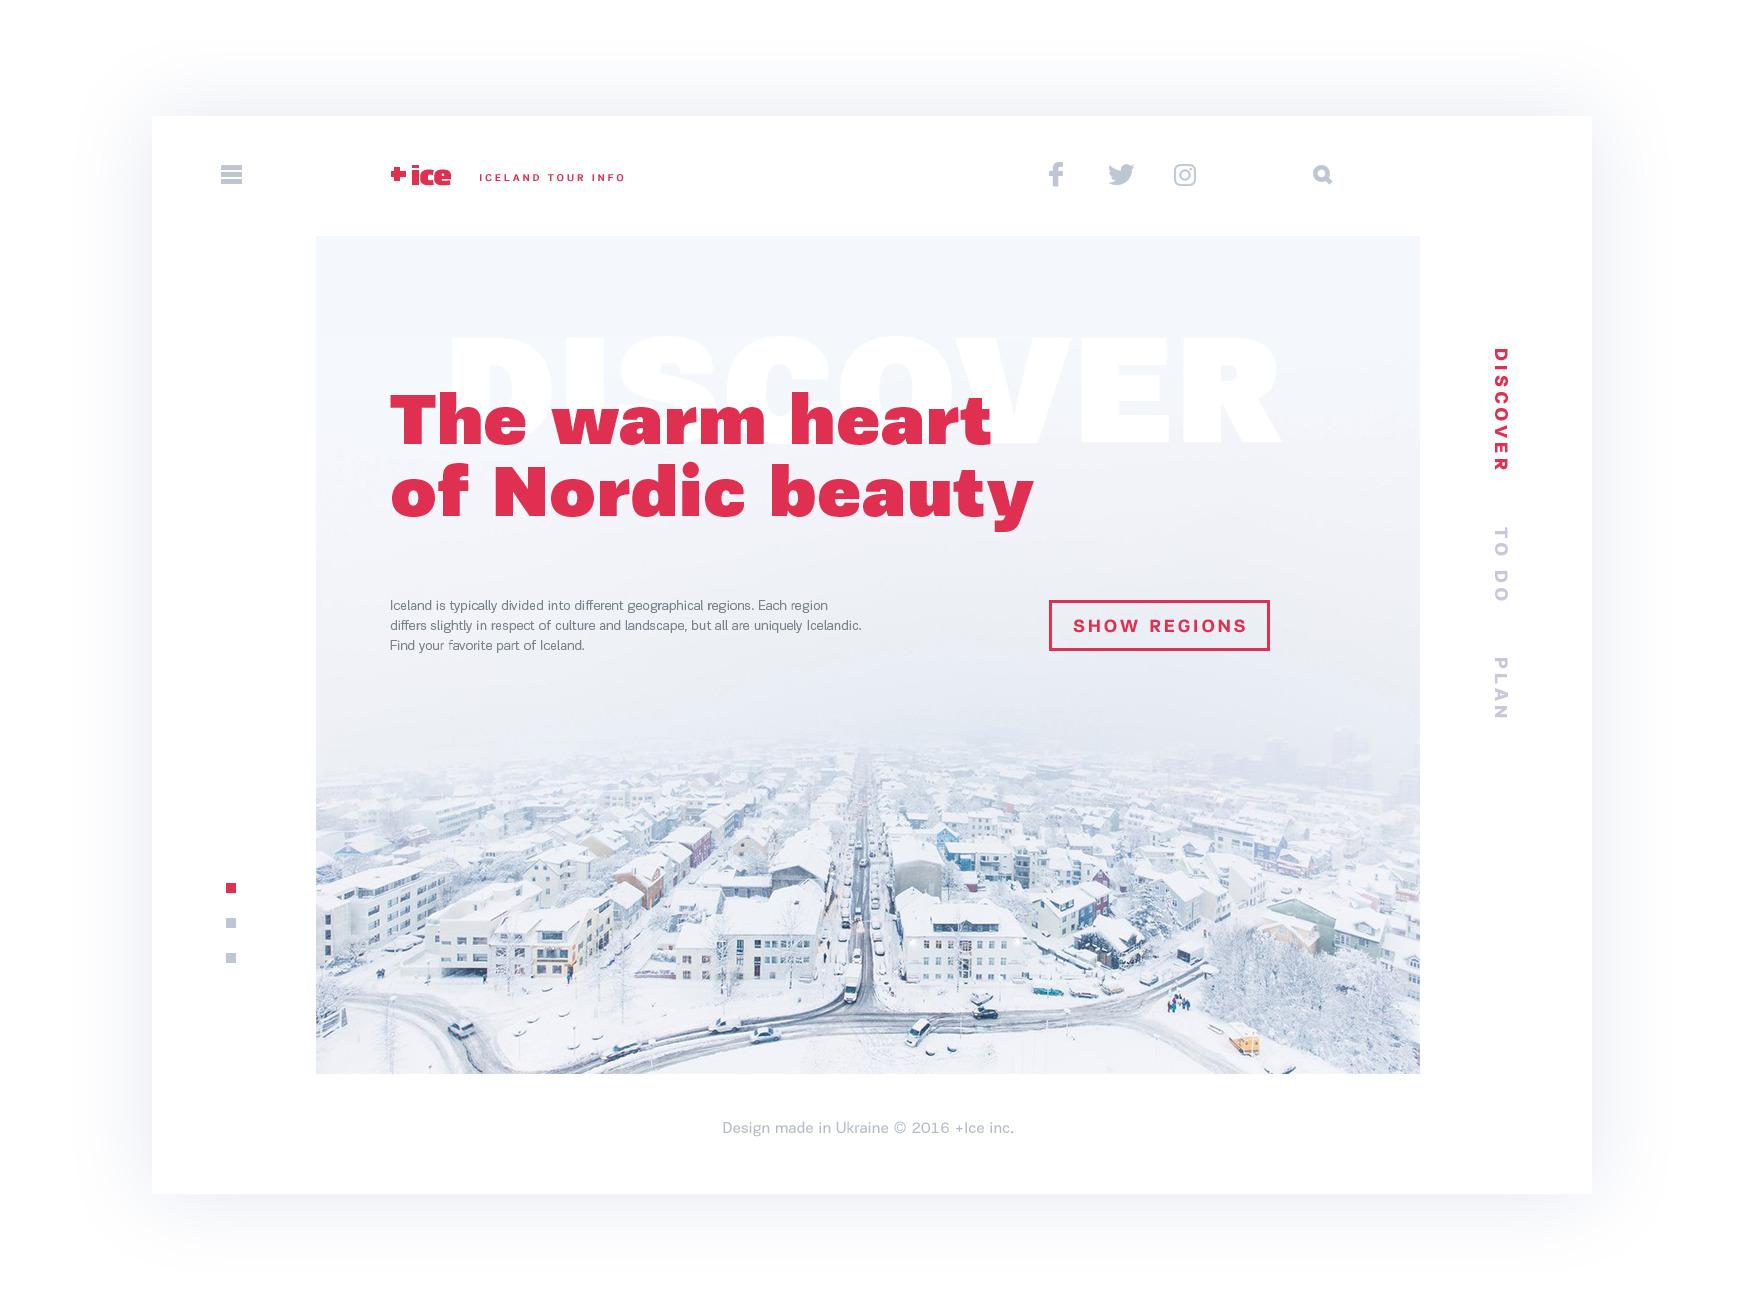 Best Design Practices for Website Headers